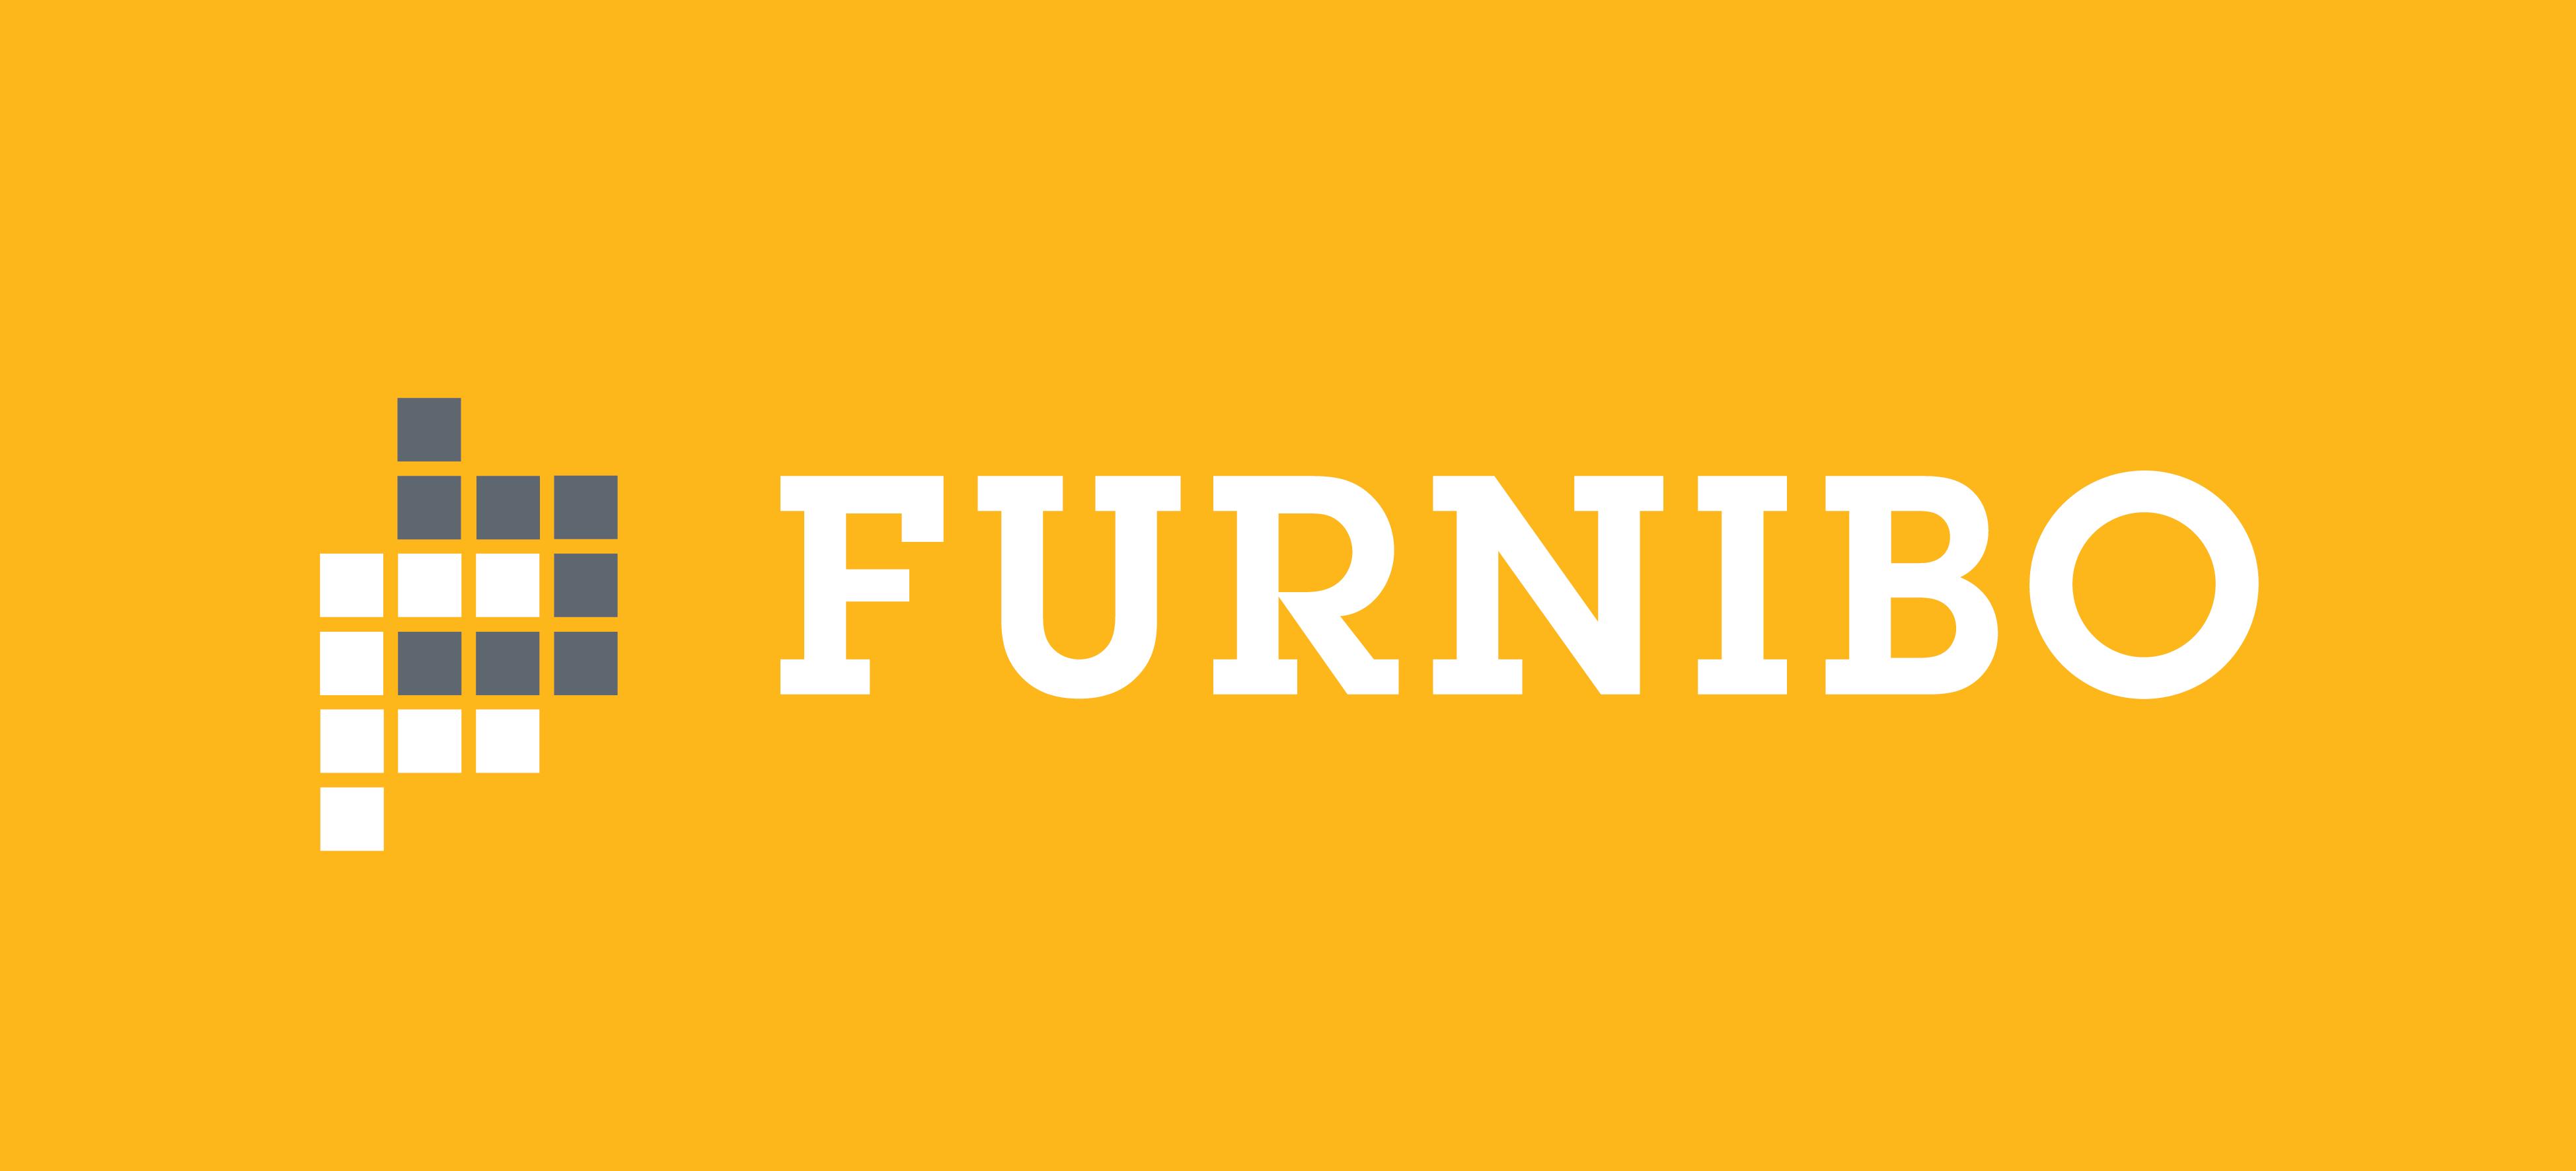 Furnibo logo